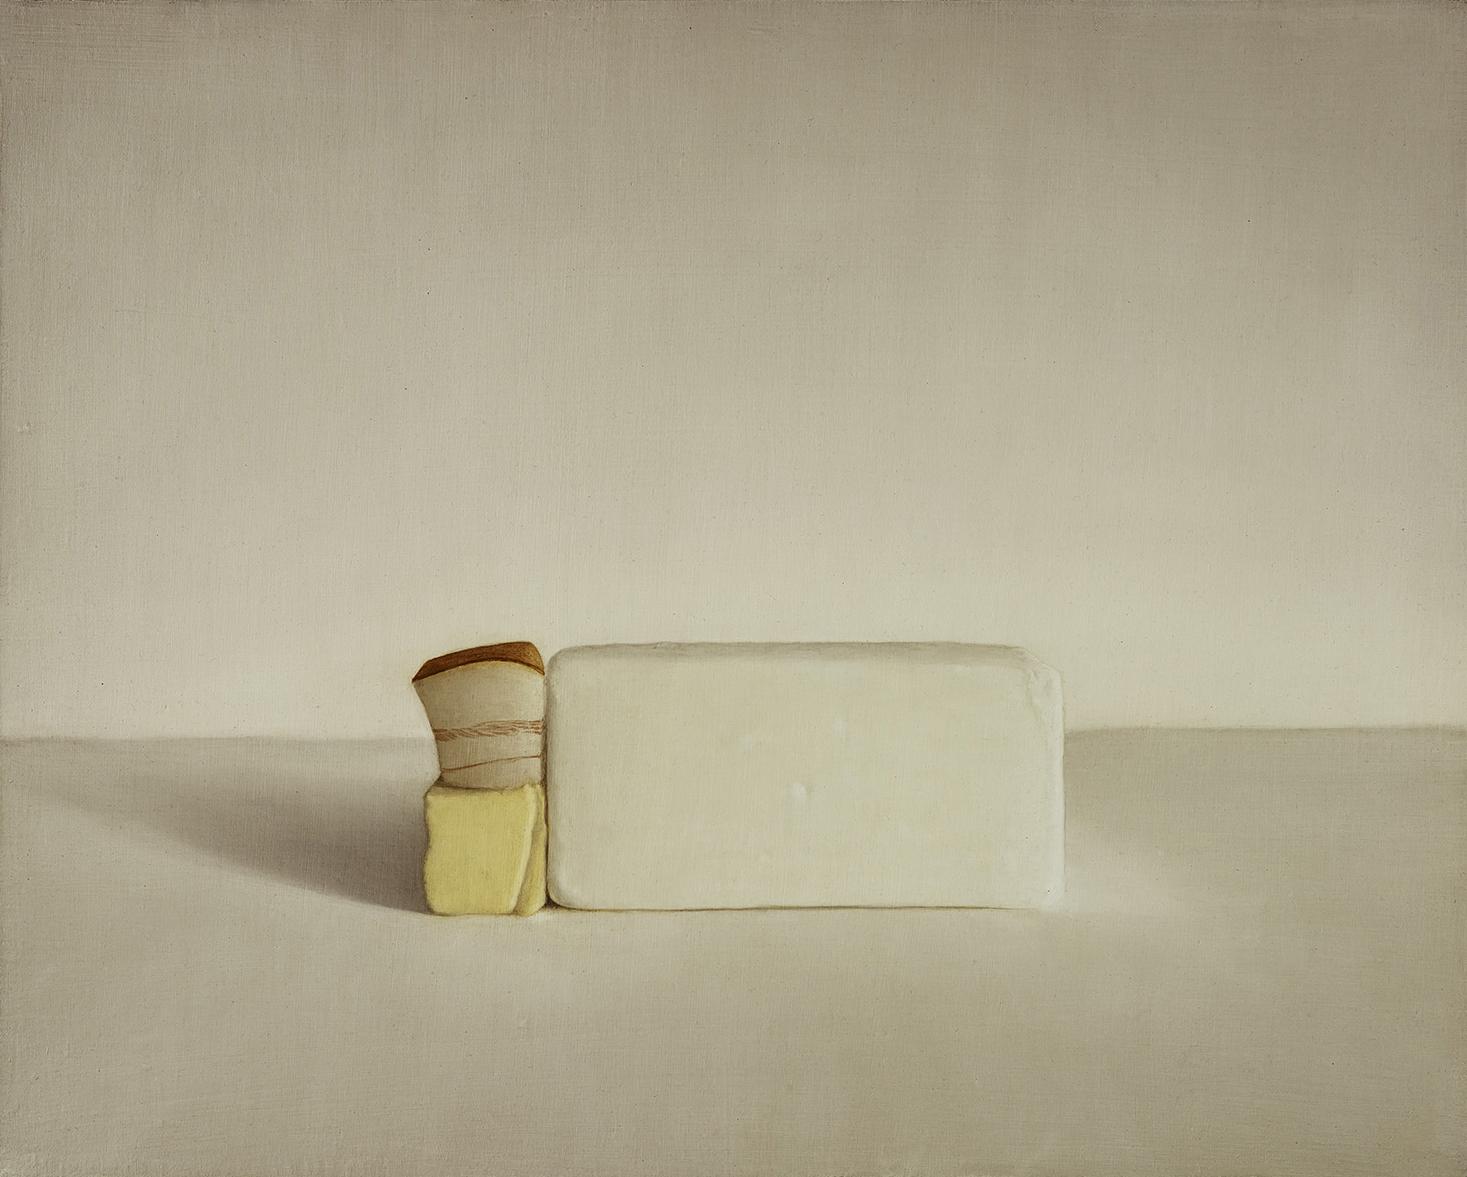 Lard, Butter and Sidemeat, 2013, 16x20, o/l